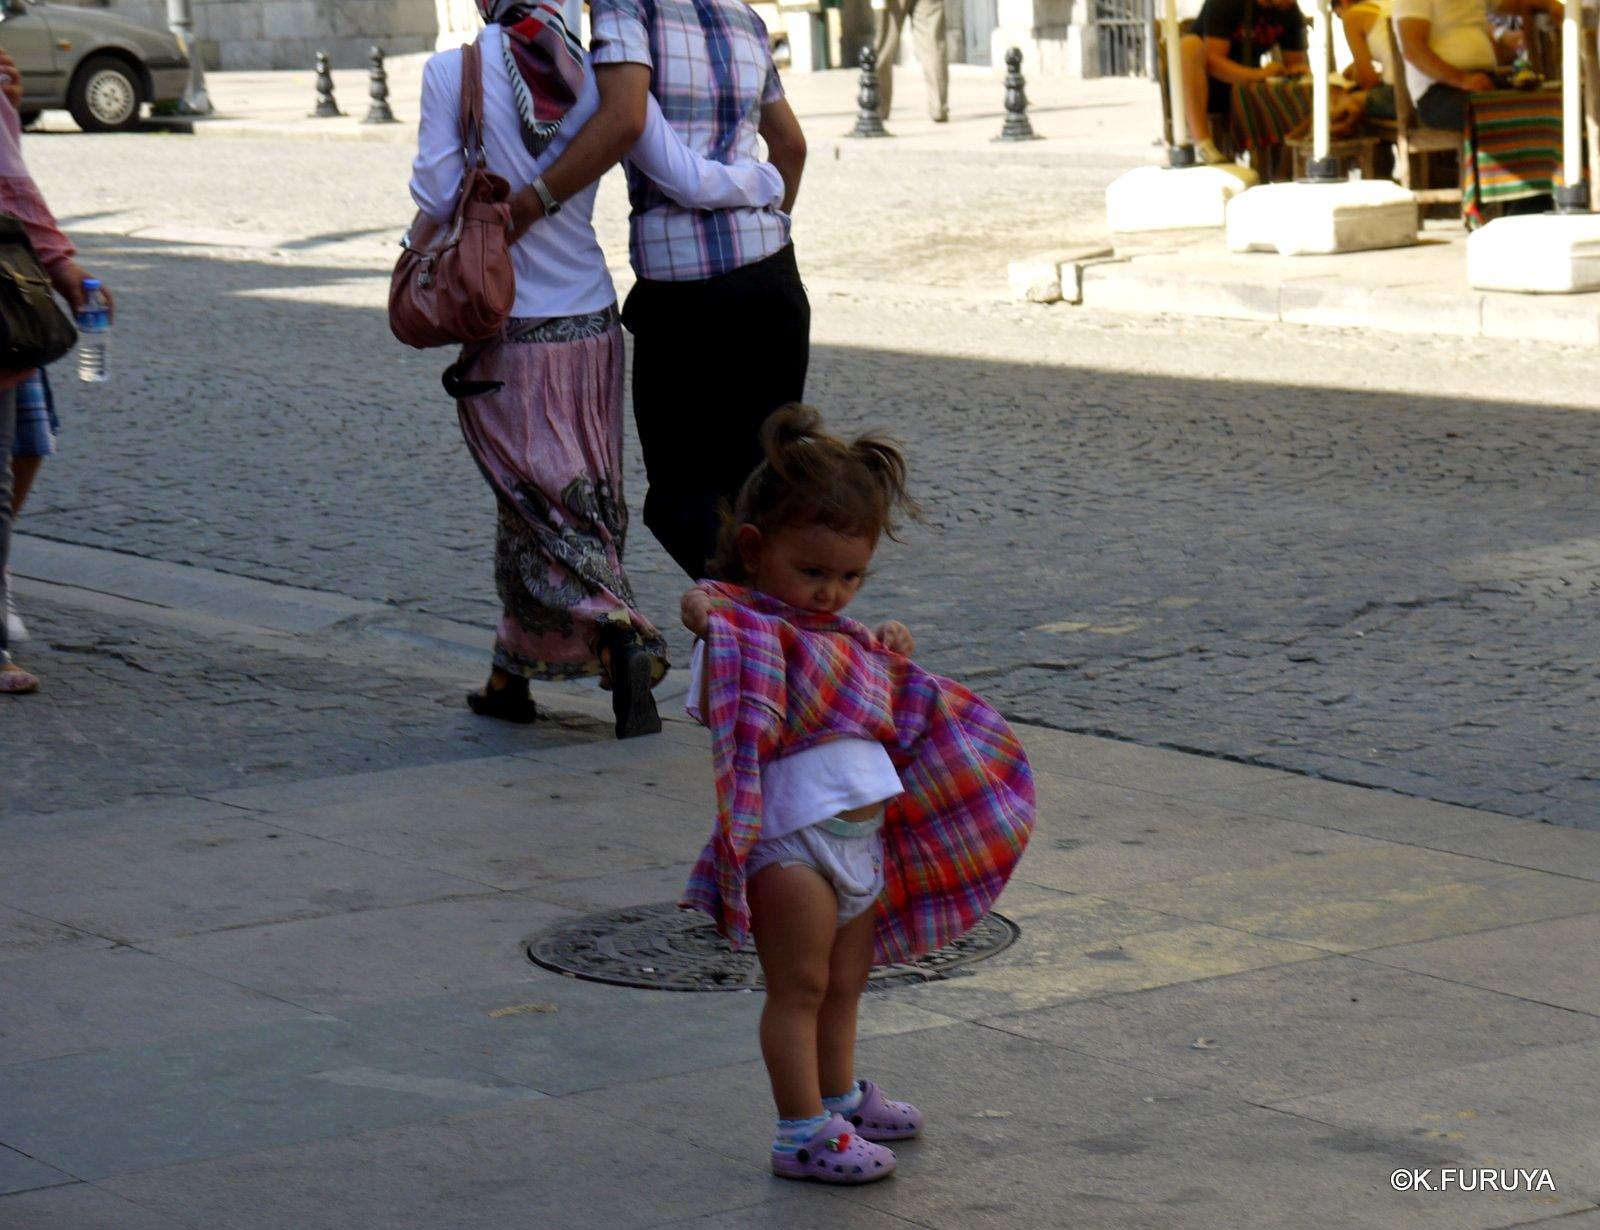 トルコ旅行記 38 イスタンブール旧市街その2_a0092659_132177.jpg